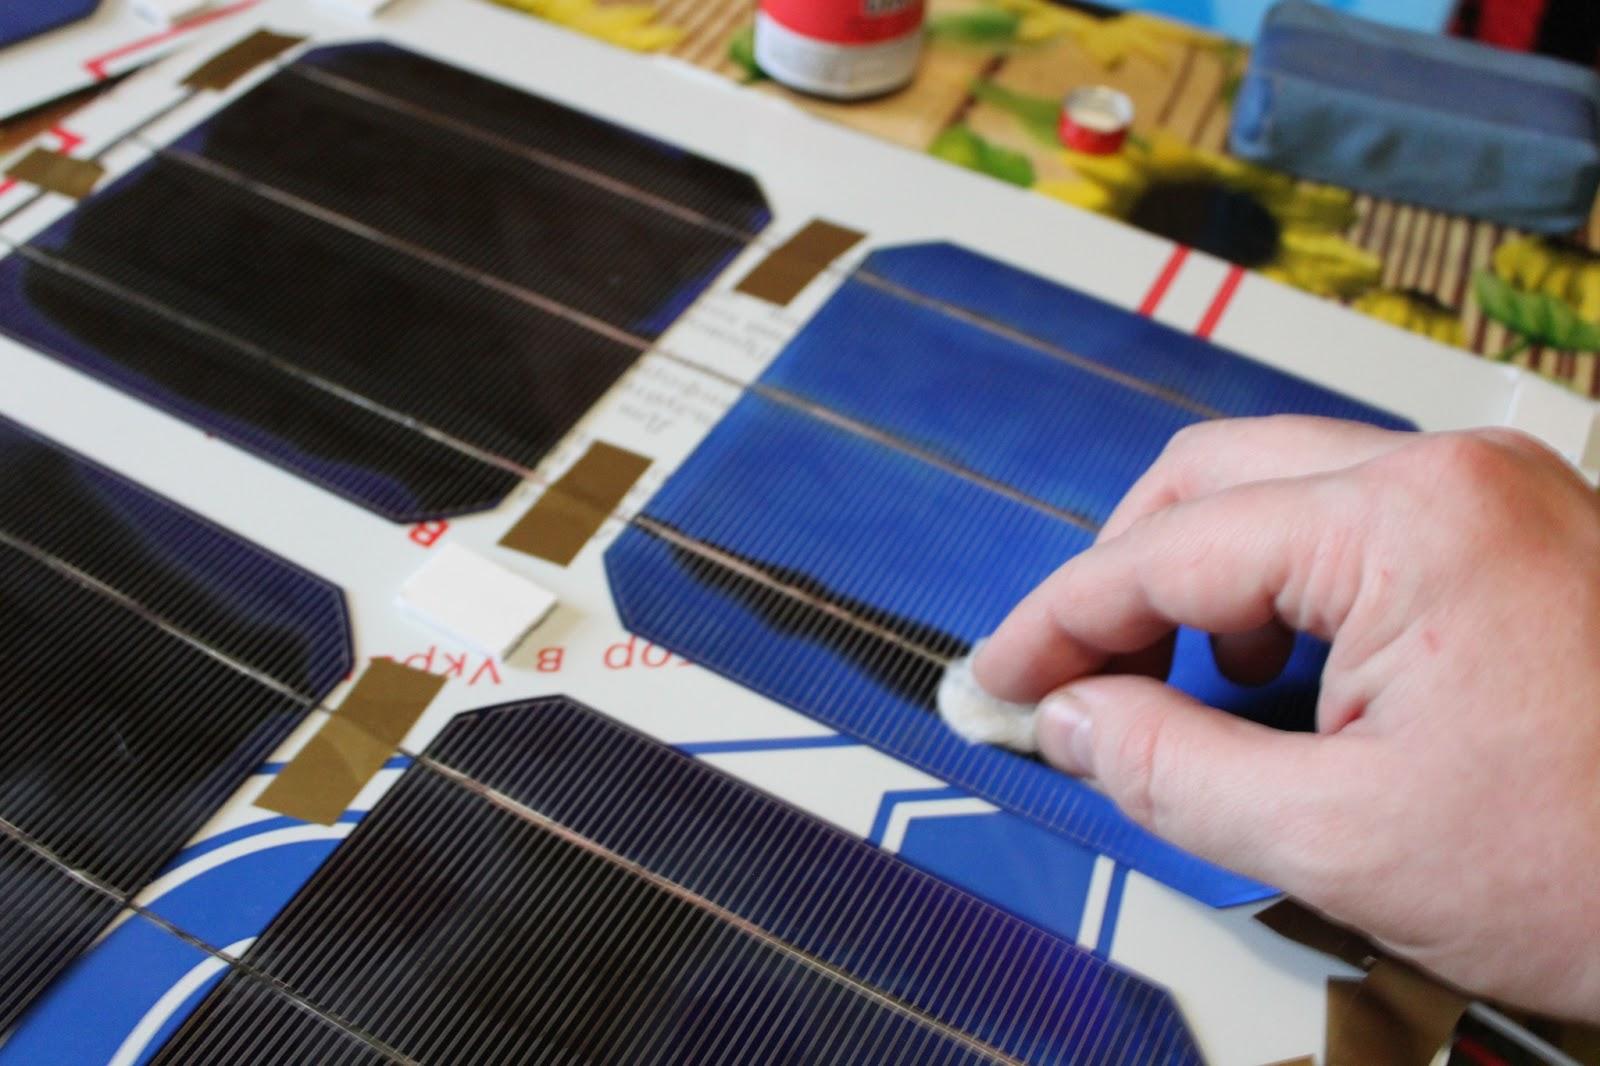 Солнечные батареи своими руками - как сделать 13